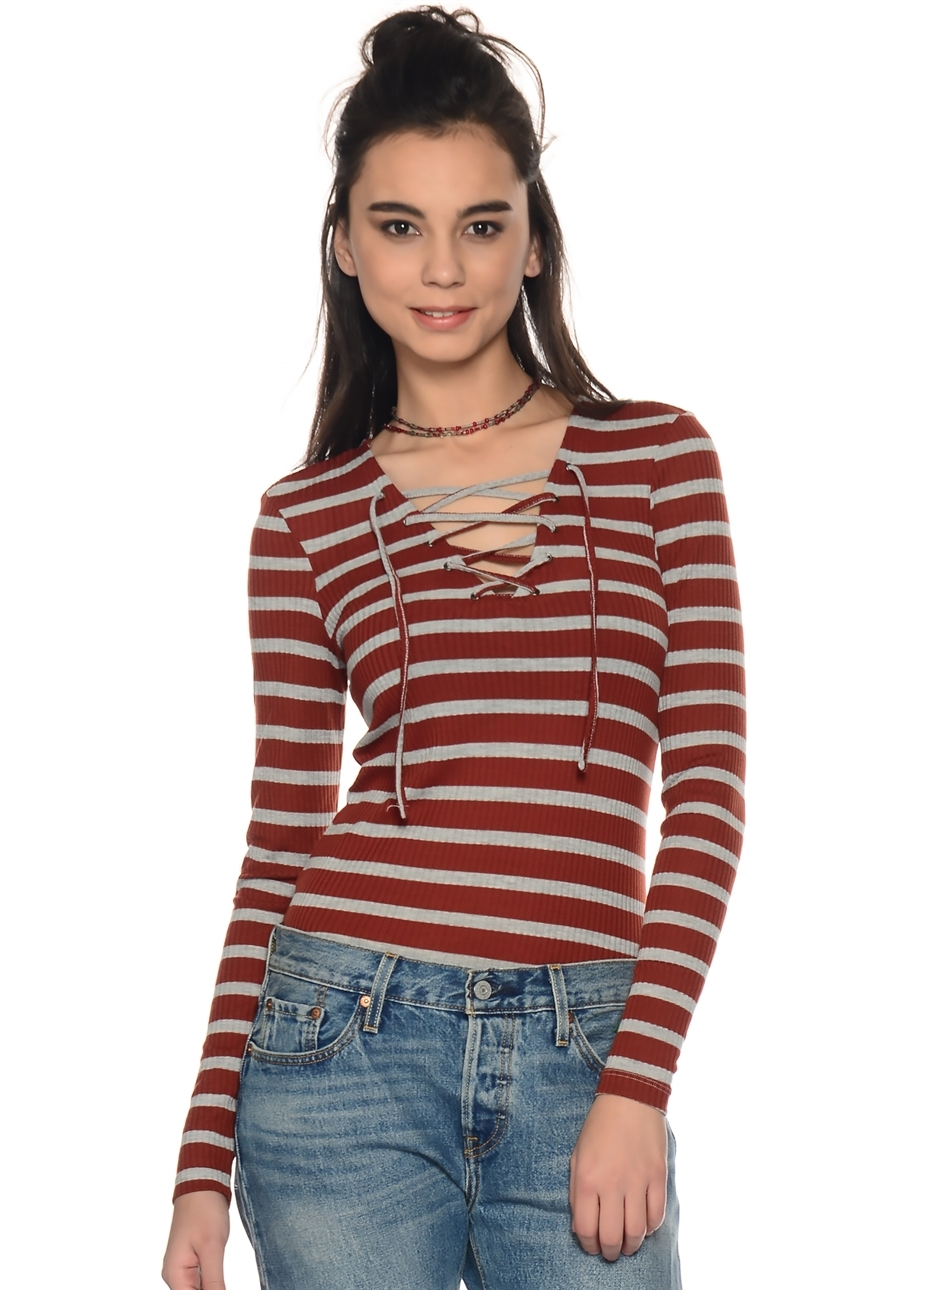 Vero Moda Bluz S 5000132332004 Ürün Resmi